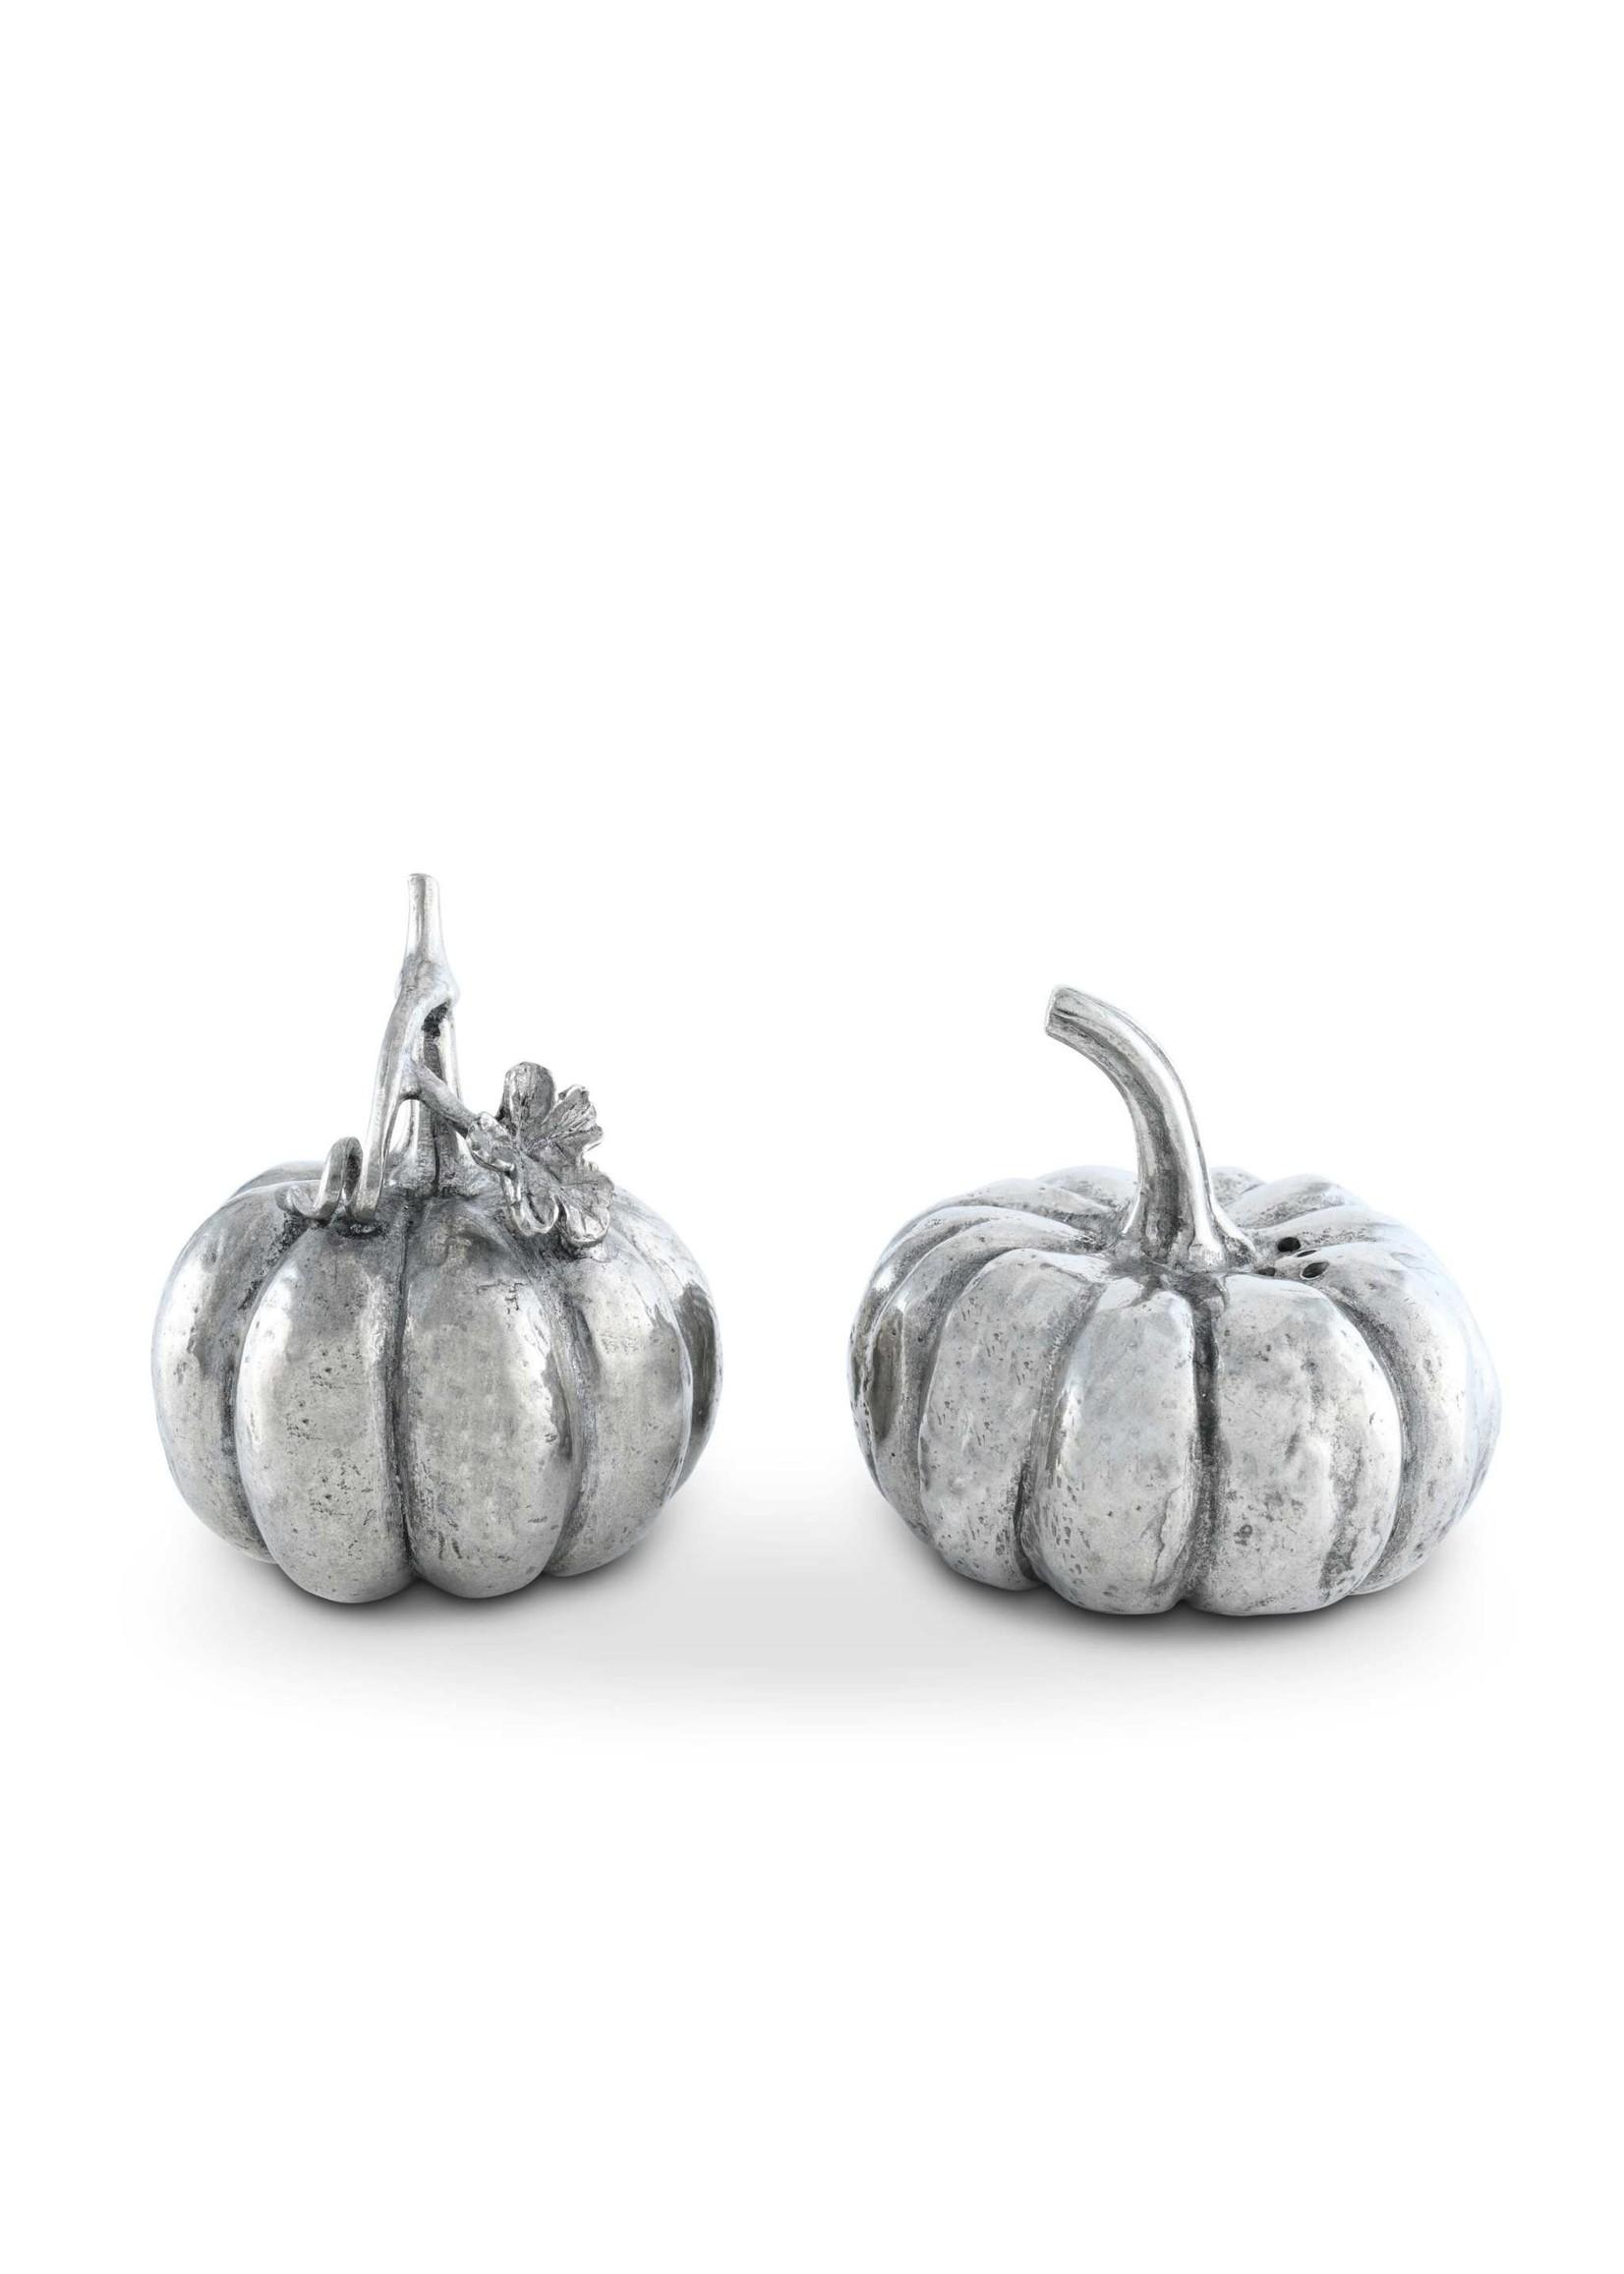 Salt & Pepper Set - Pumpkins